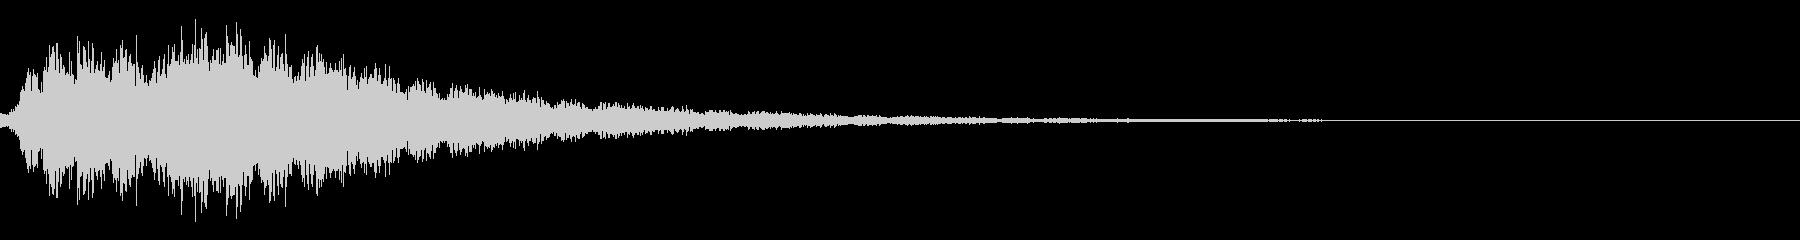 ワープ・瞬間移動・電子音・テレポートcの未再生の波形